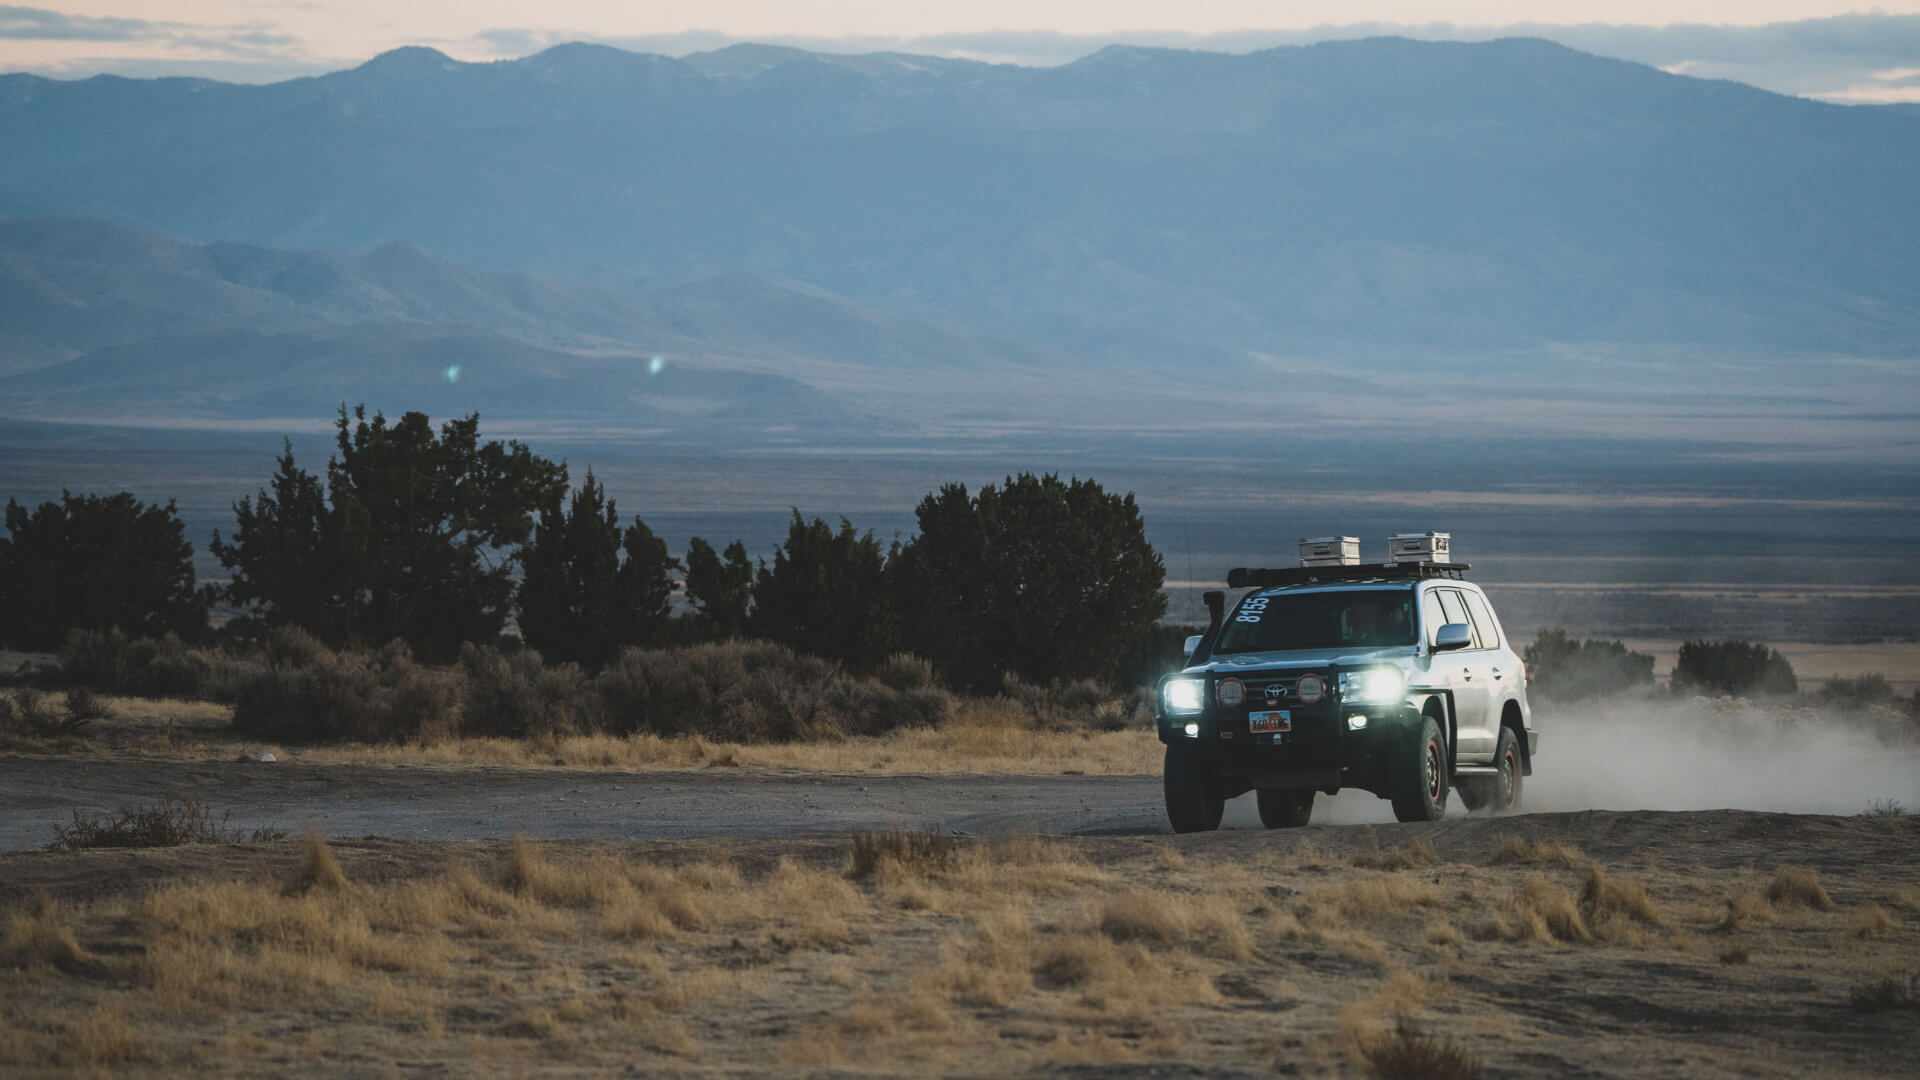 Toyota Land Cruiser at night driving